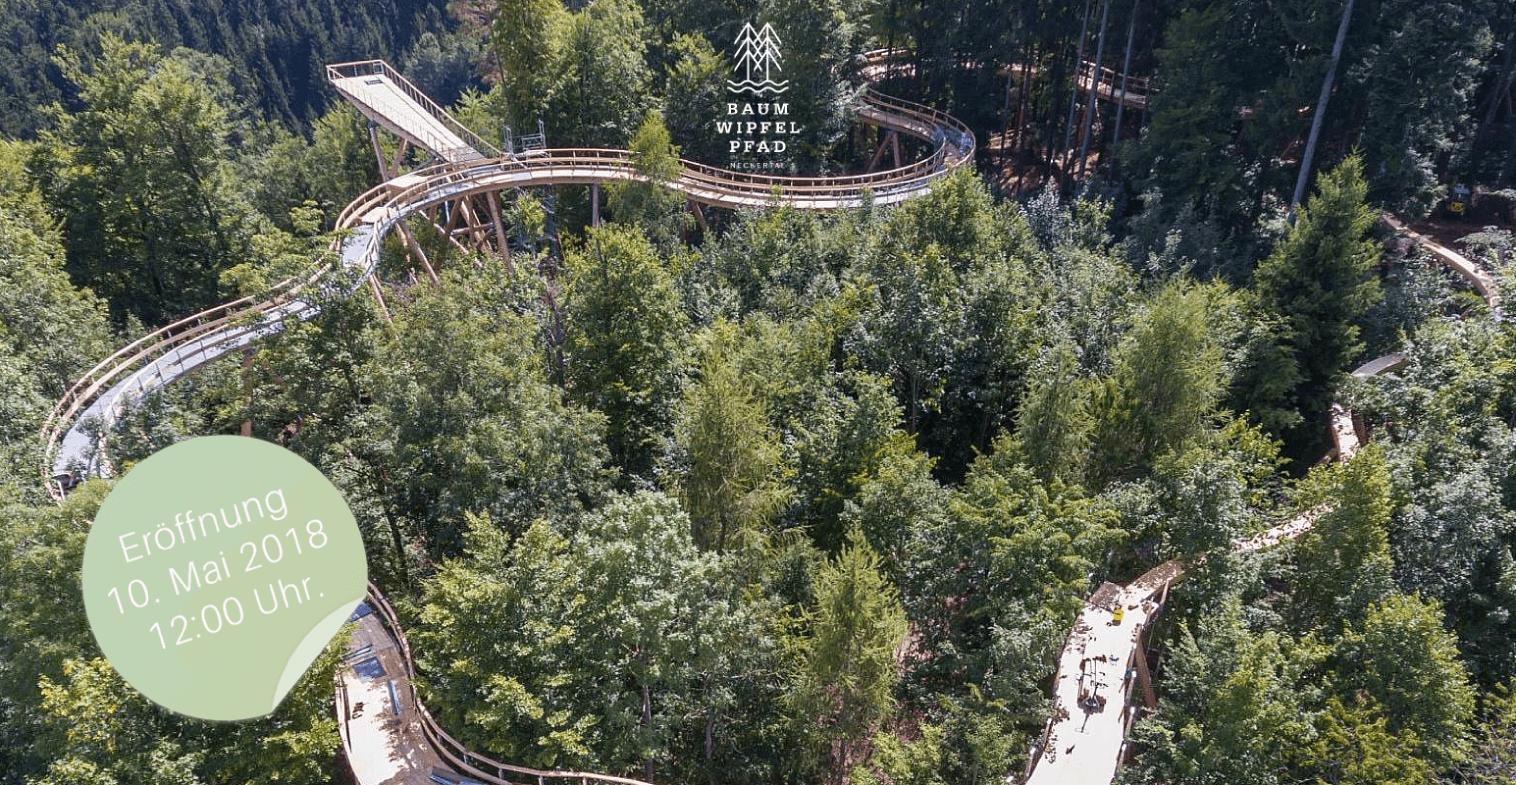 Baumwipfelpfad Neckertal